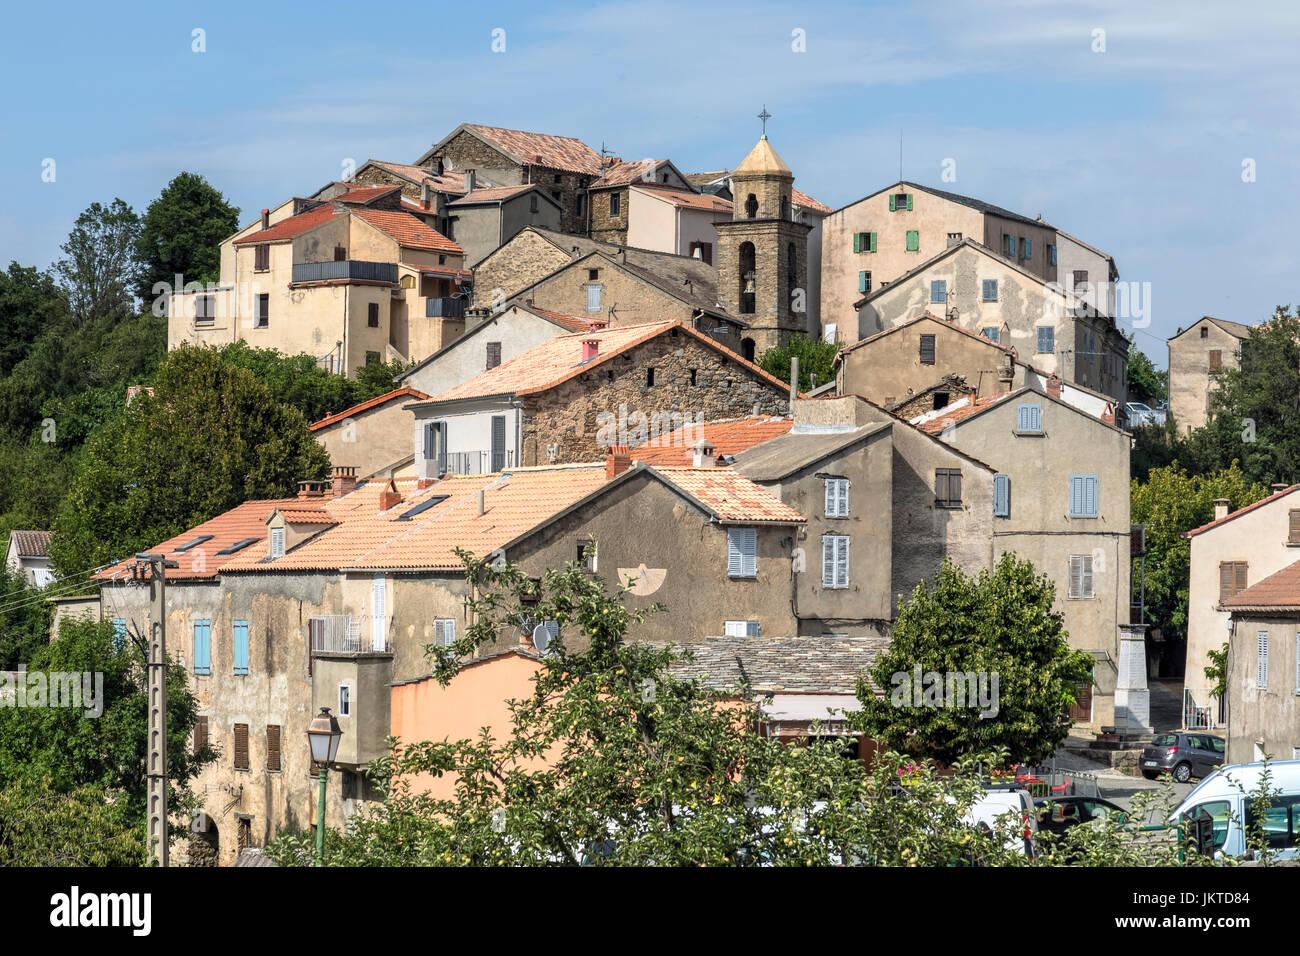 Riventosa, Haute-Corse, Corsica, France - Stock Image